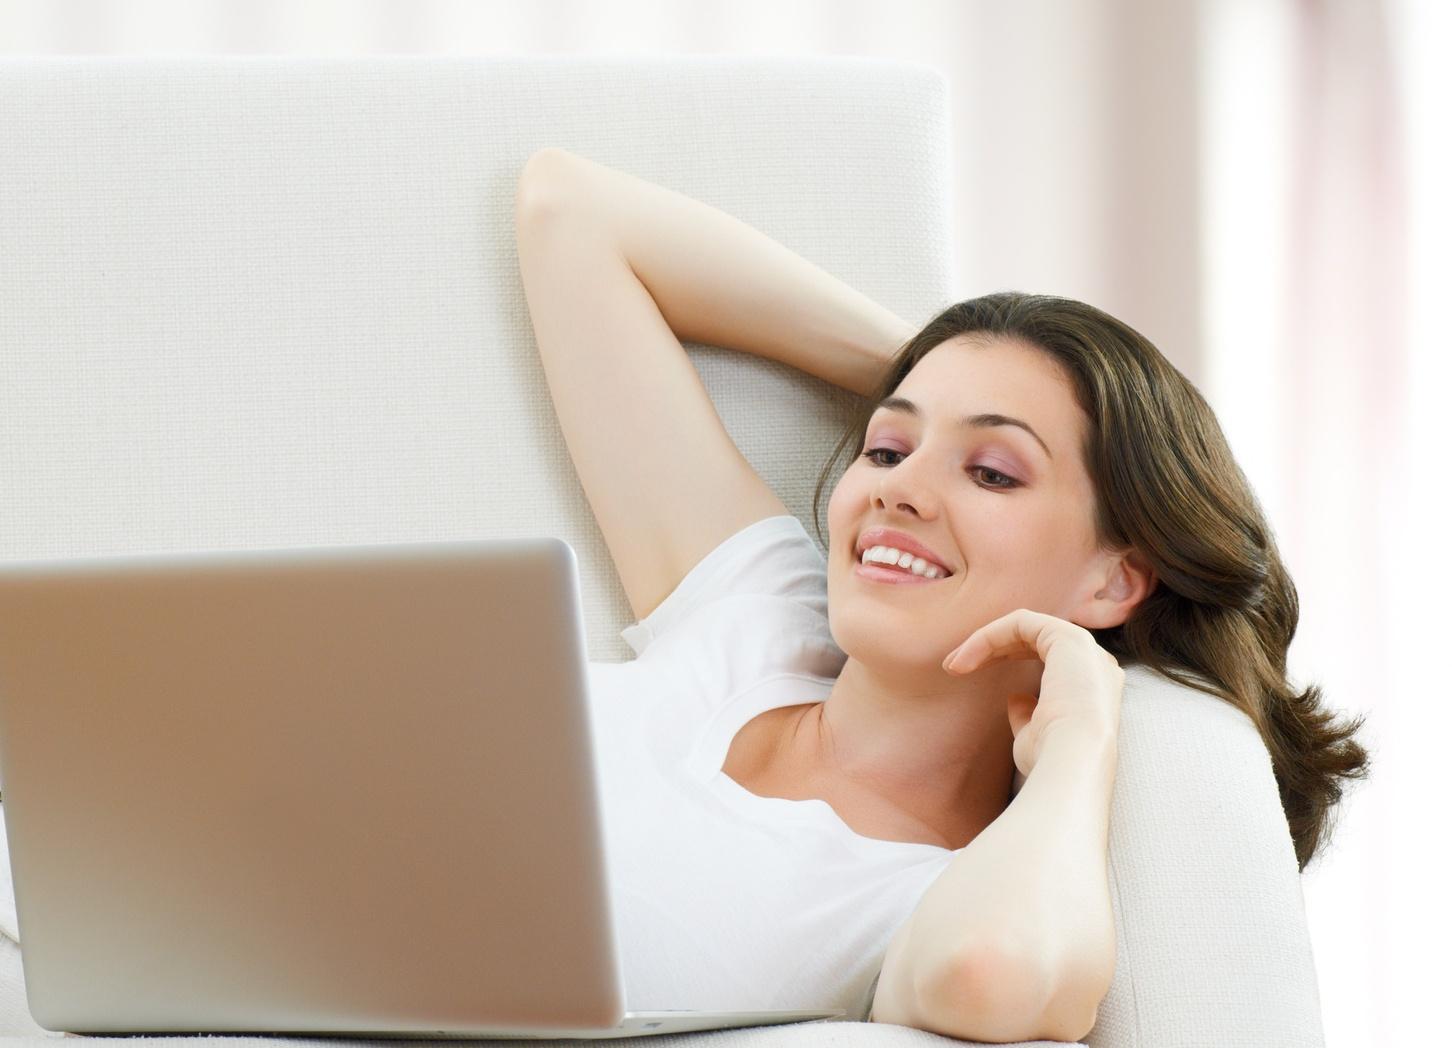 Вредны ли роллы для поджелудочной железы